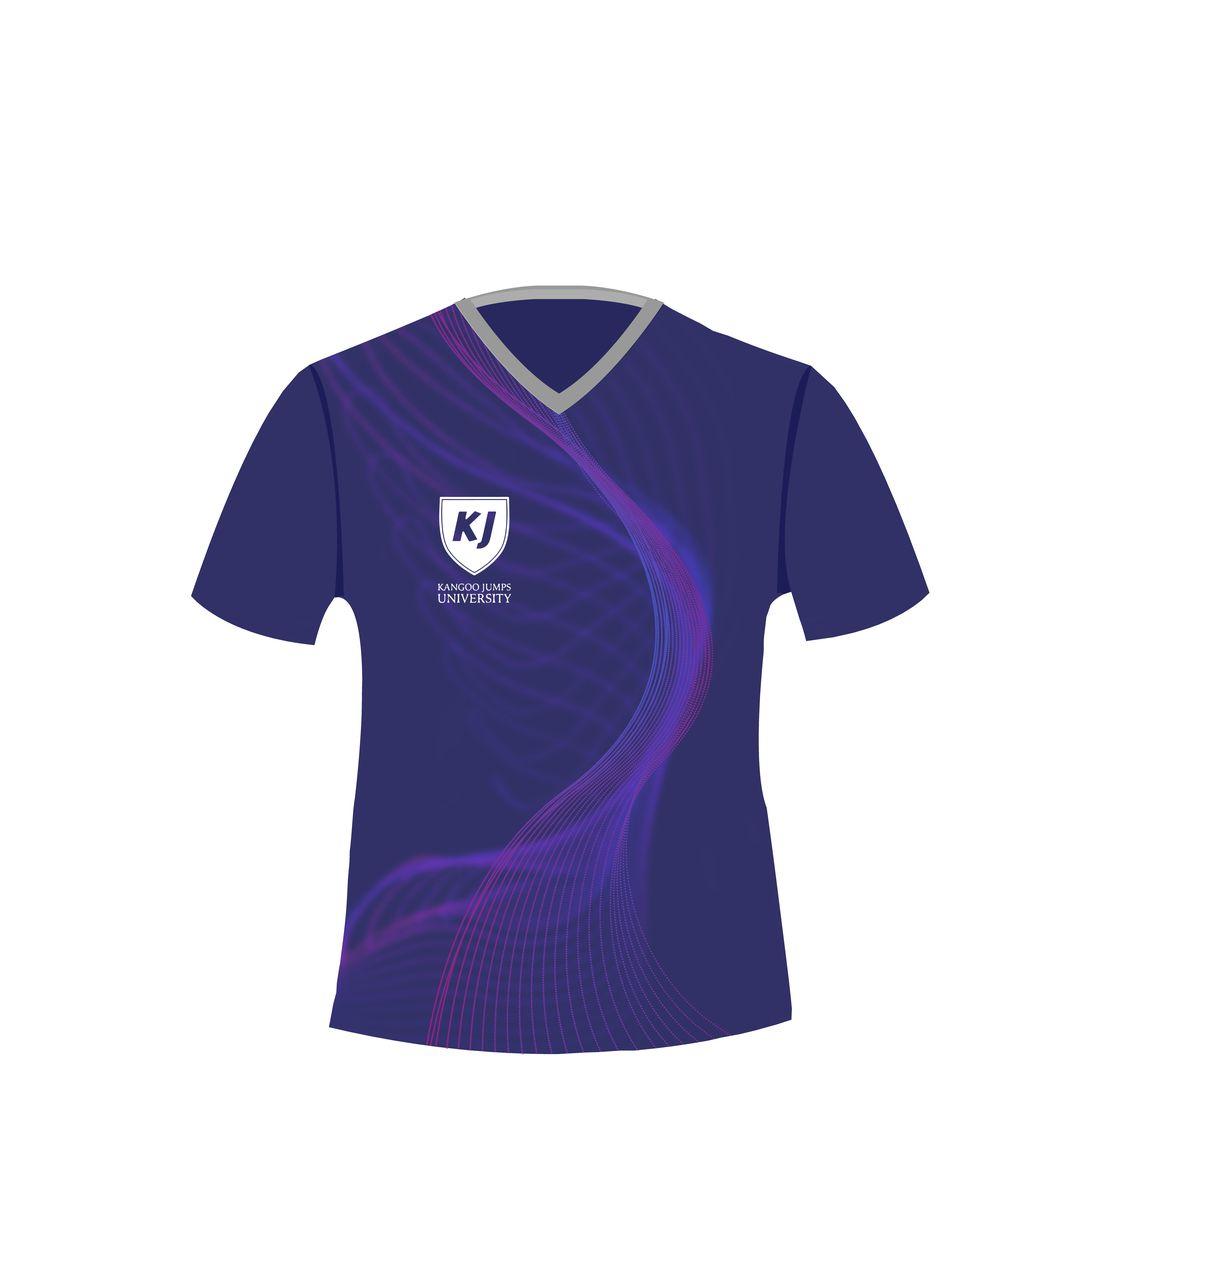 Camiseta Oficial KJU 2020